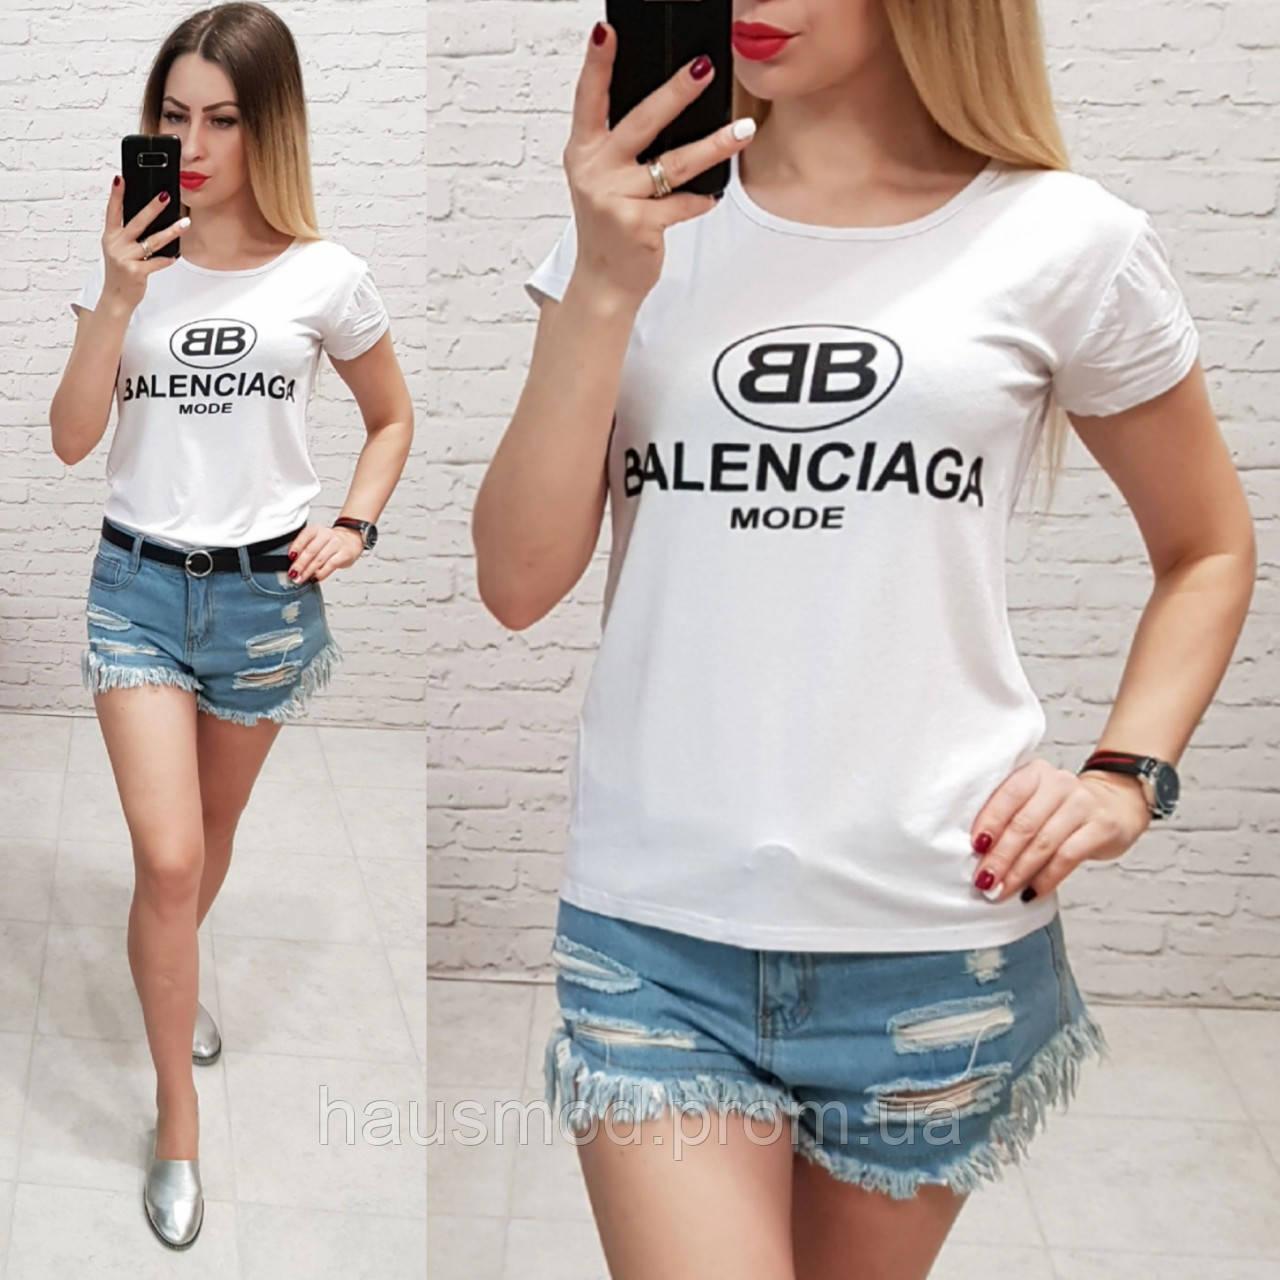 Женская футболка летняя реплика Balenciaga качество турция цвет белый